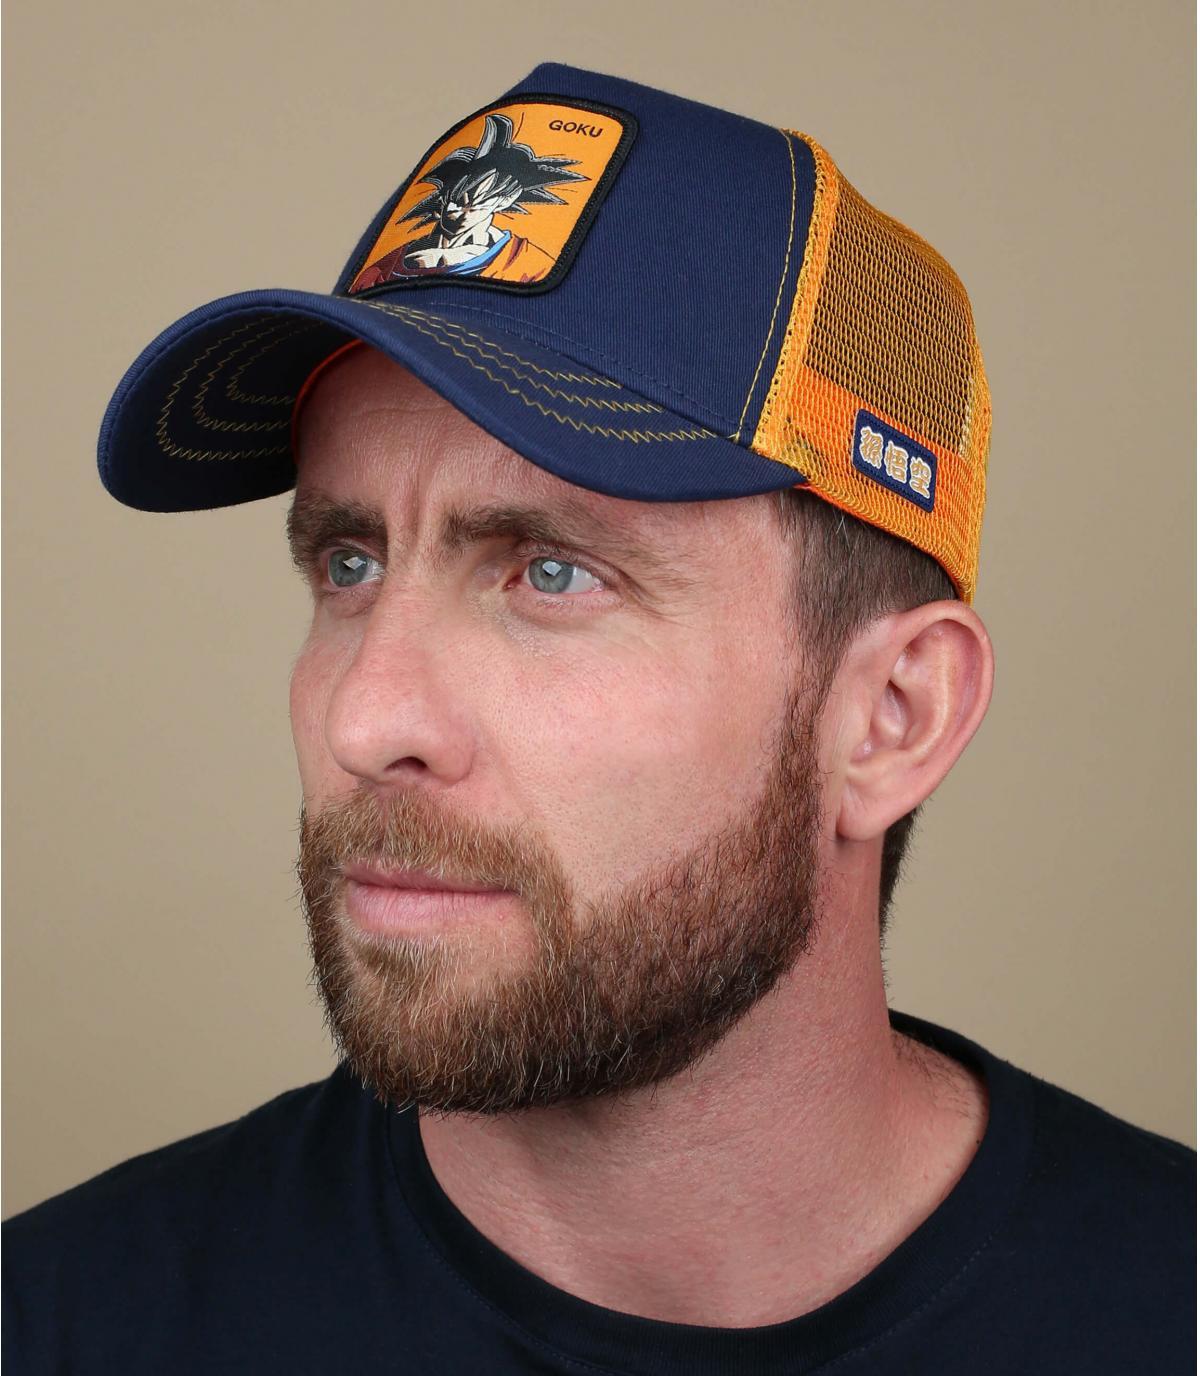 Son Goku trucker cap blue orange